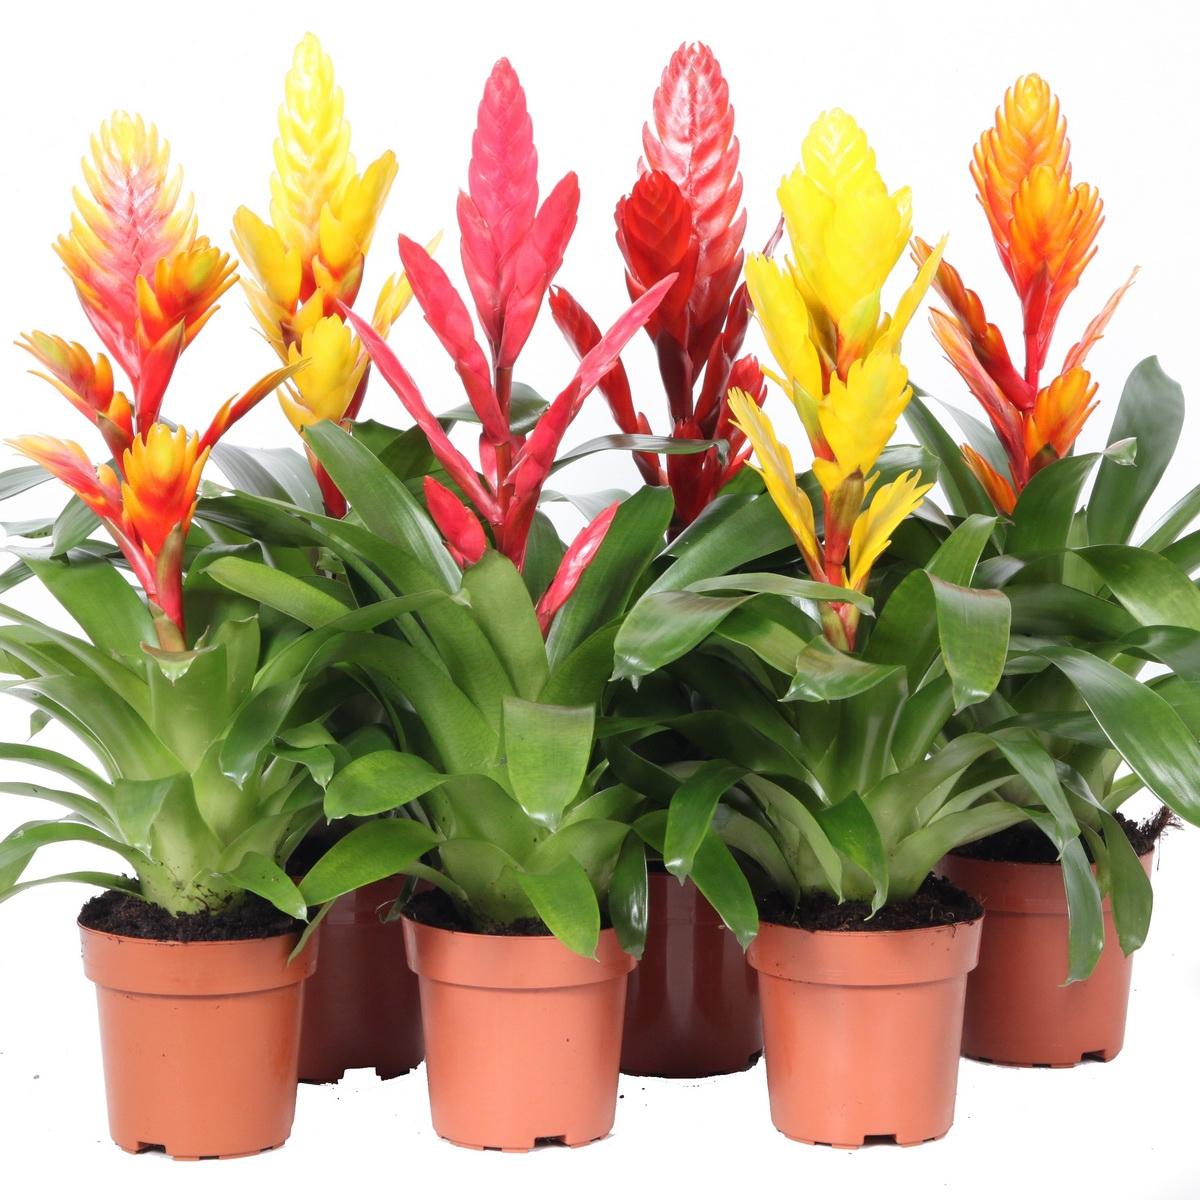 Генераторы позитива: 5 комнатных растений, поднимающих настроение